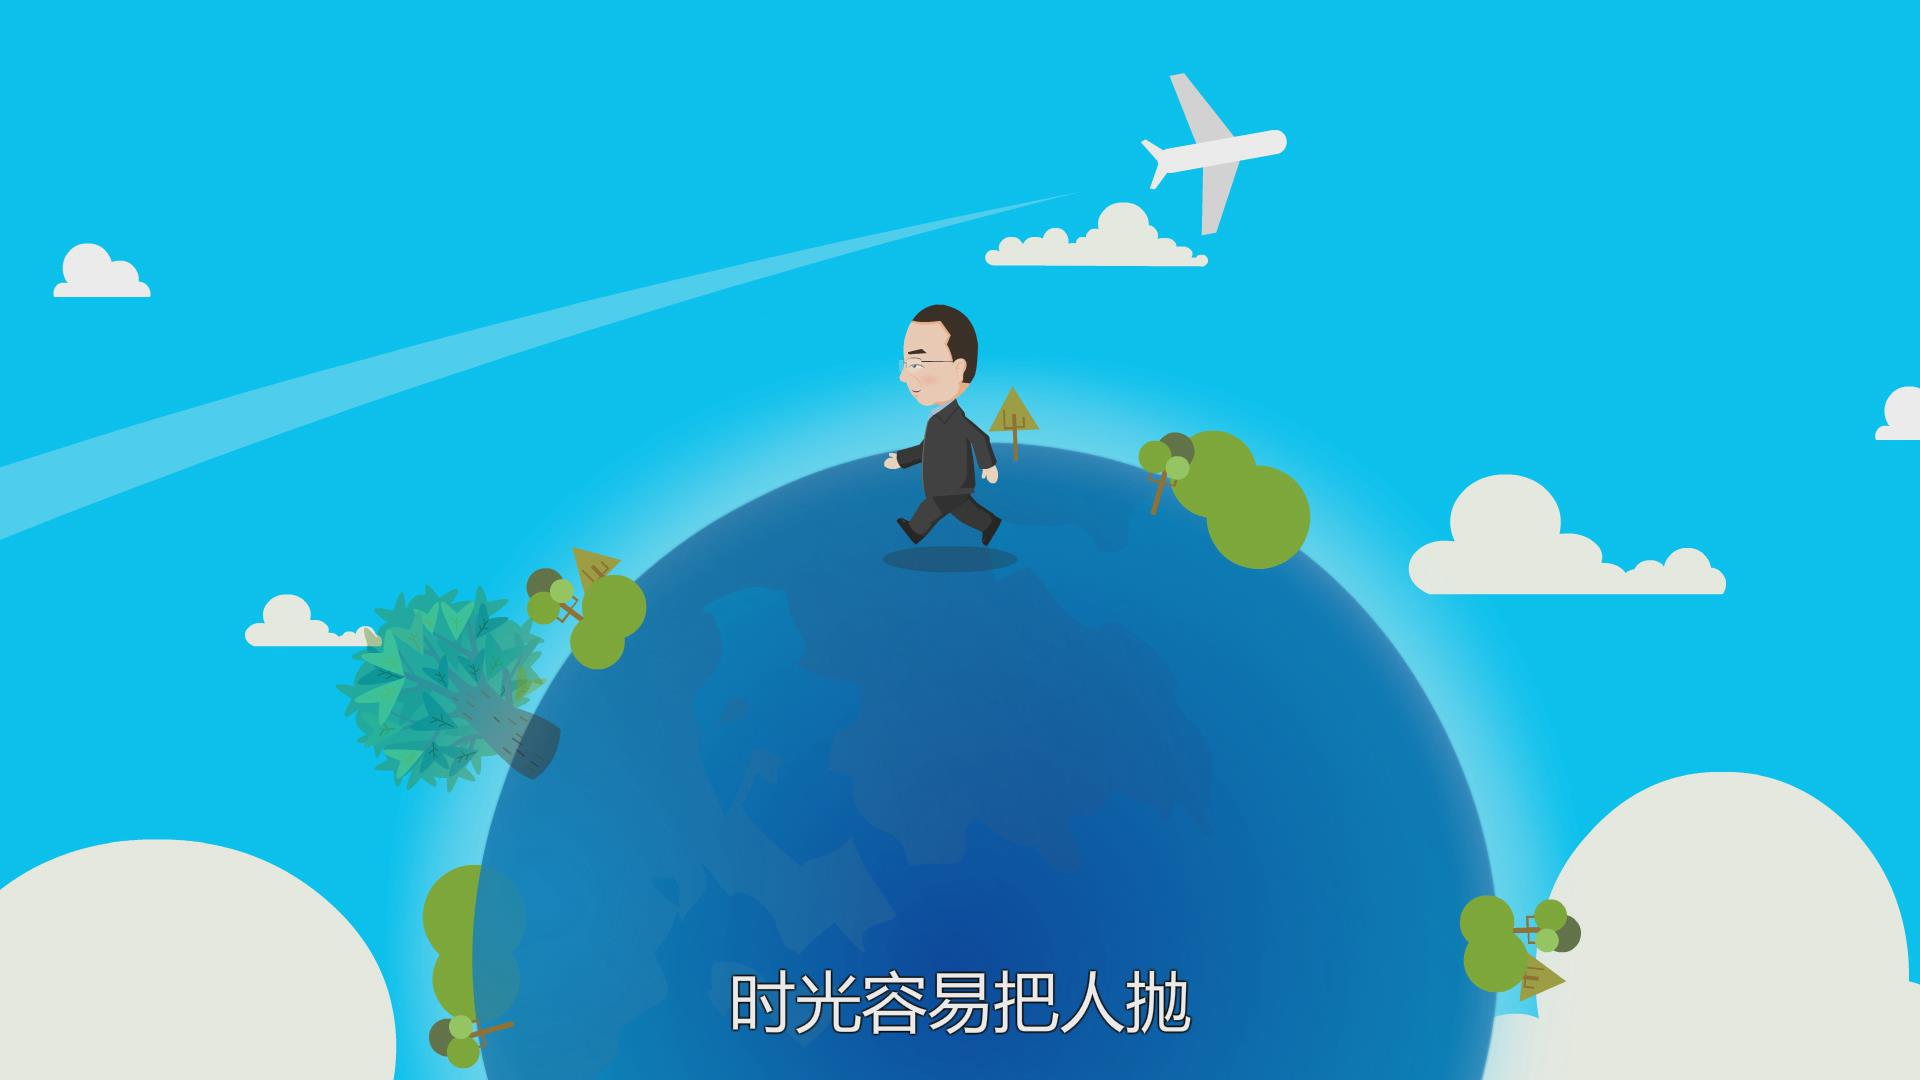 蓮湖區二維動畫案例-移動年會總結MG動畫